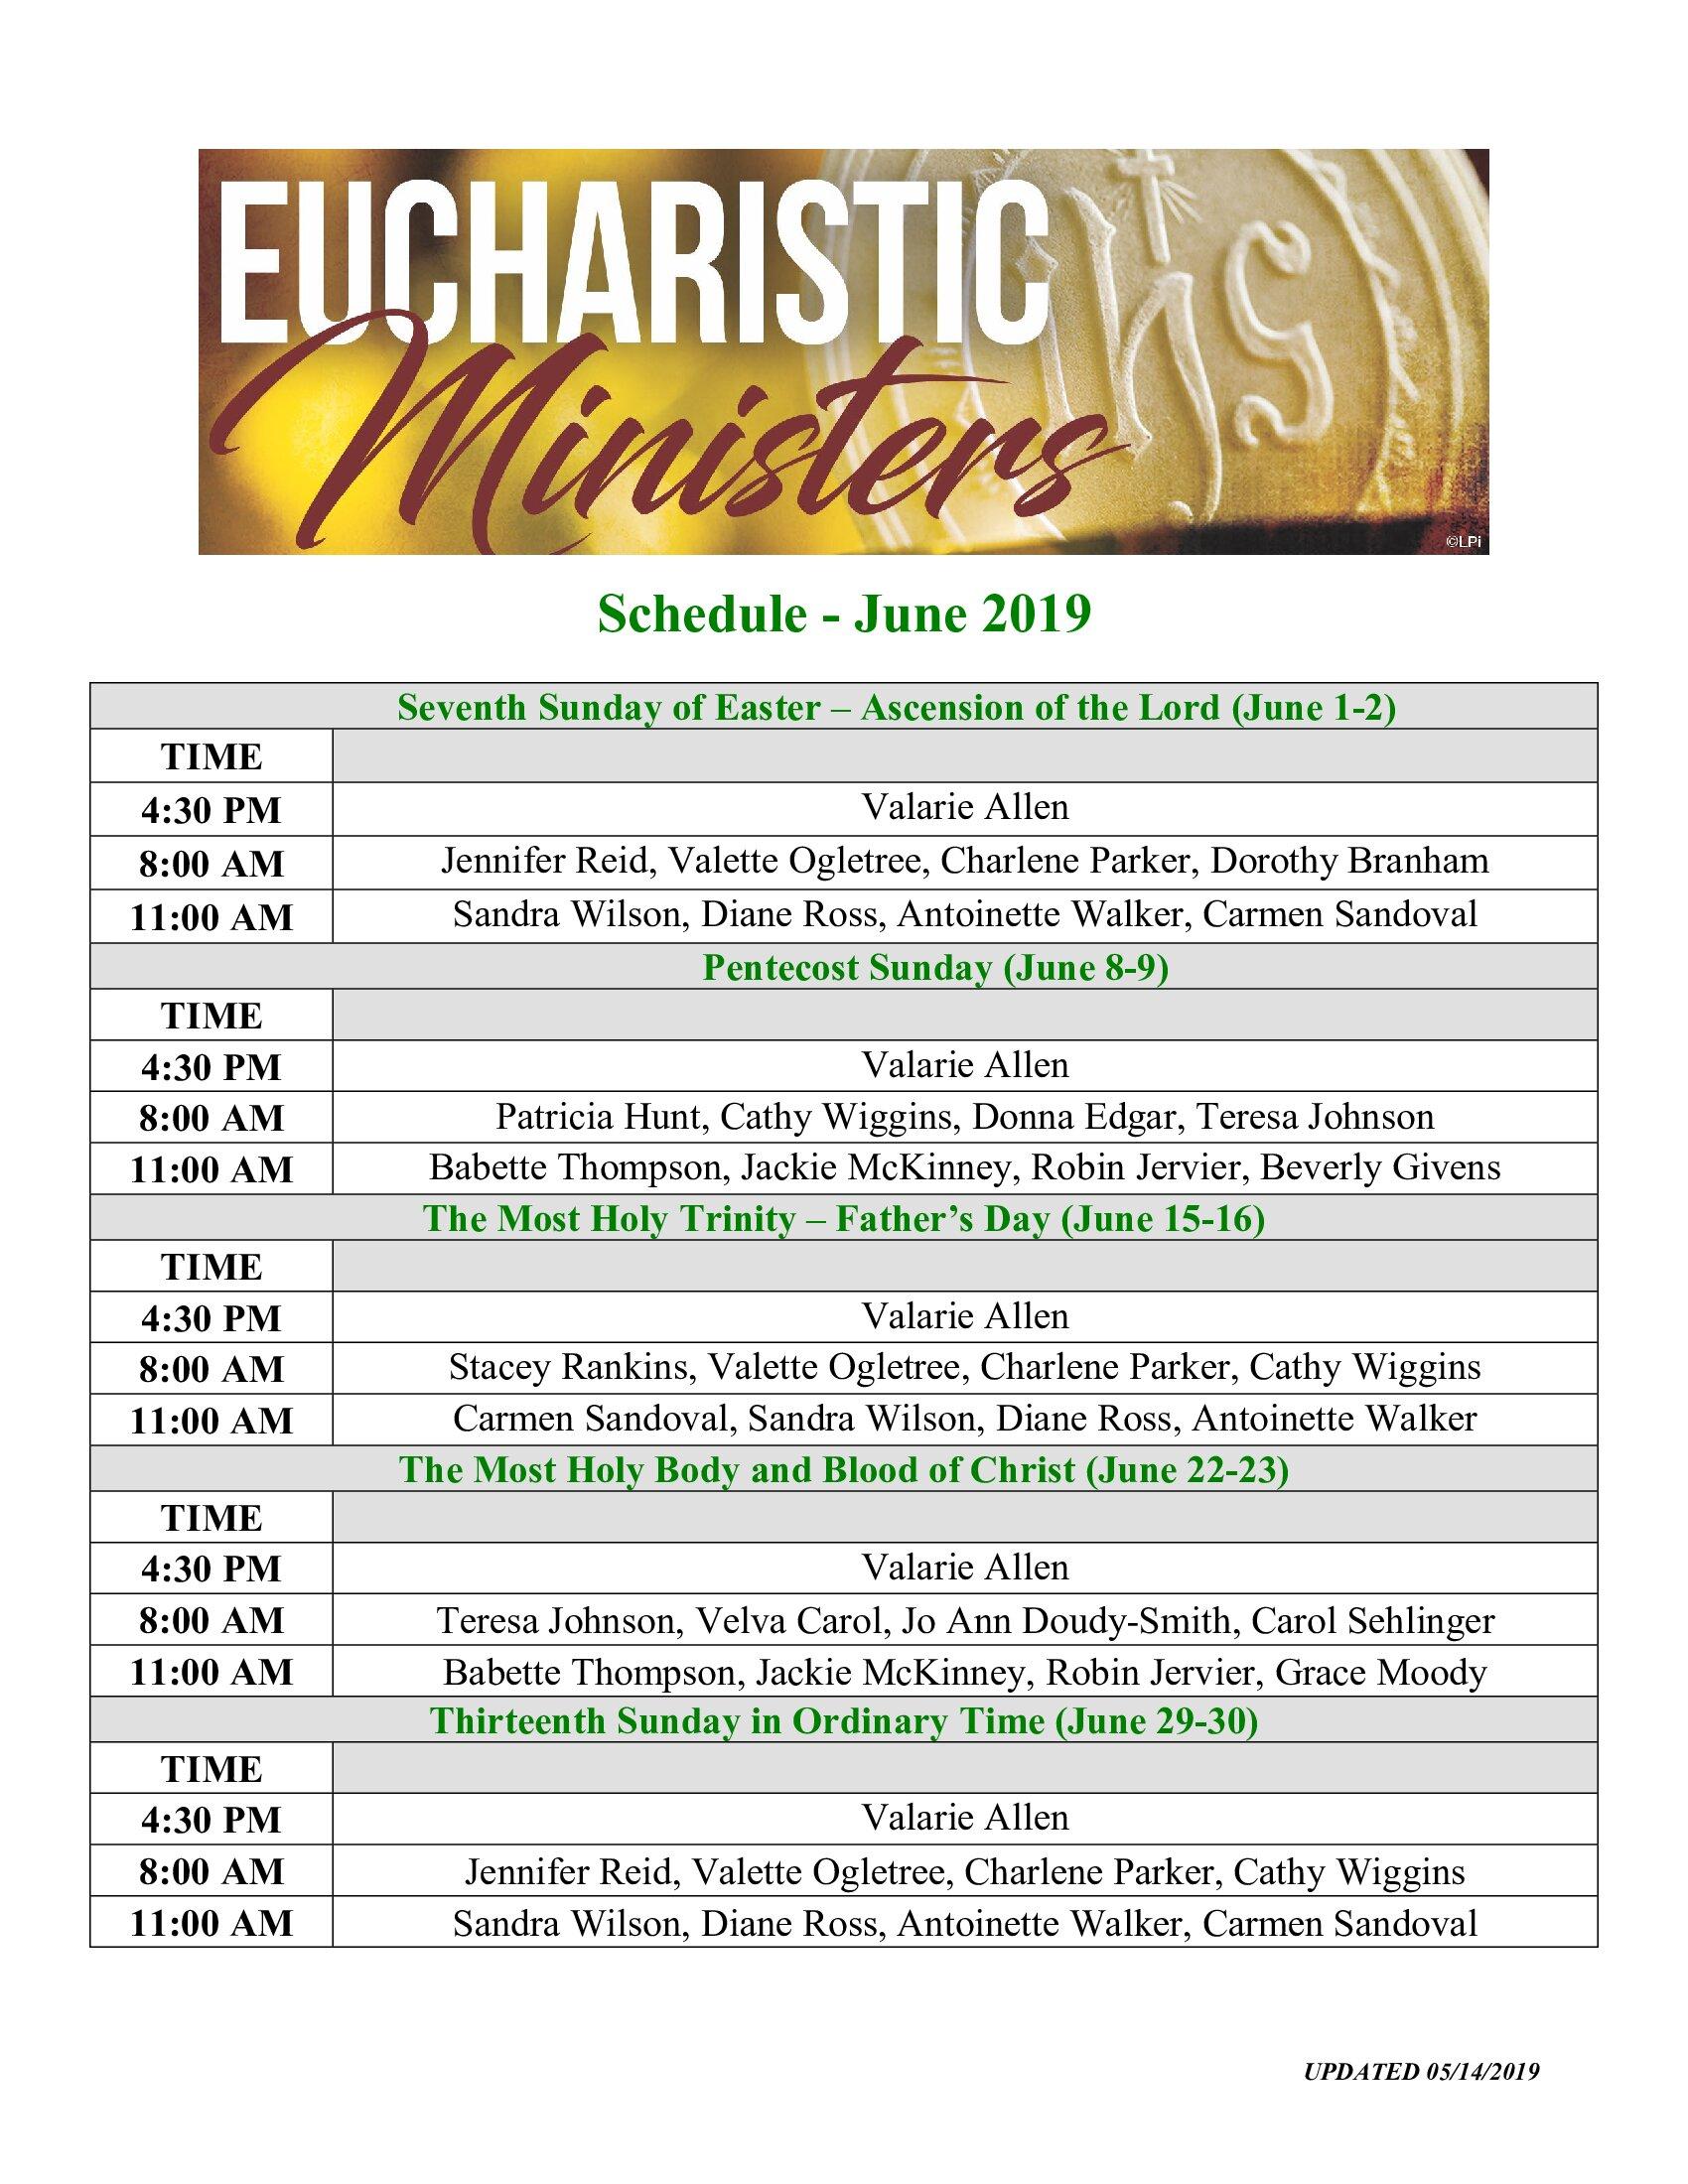 June 2019 Schedule.jpg